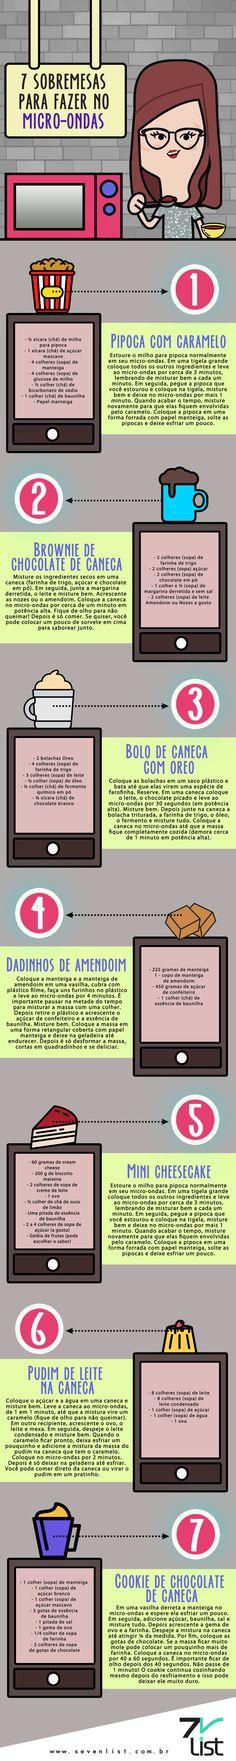 7 sobremesas para fazer no microondas